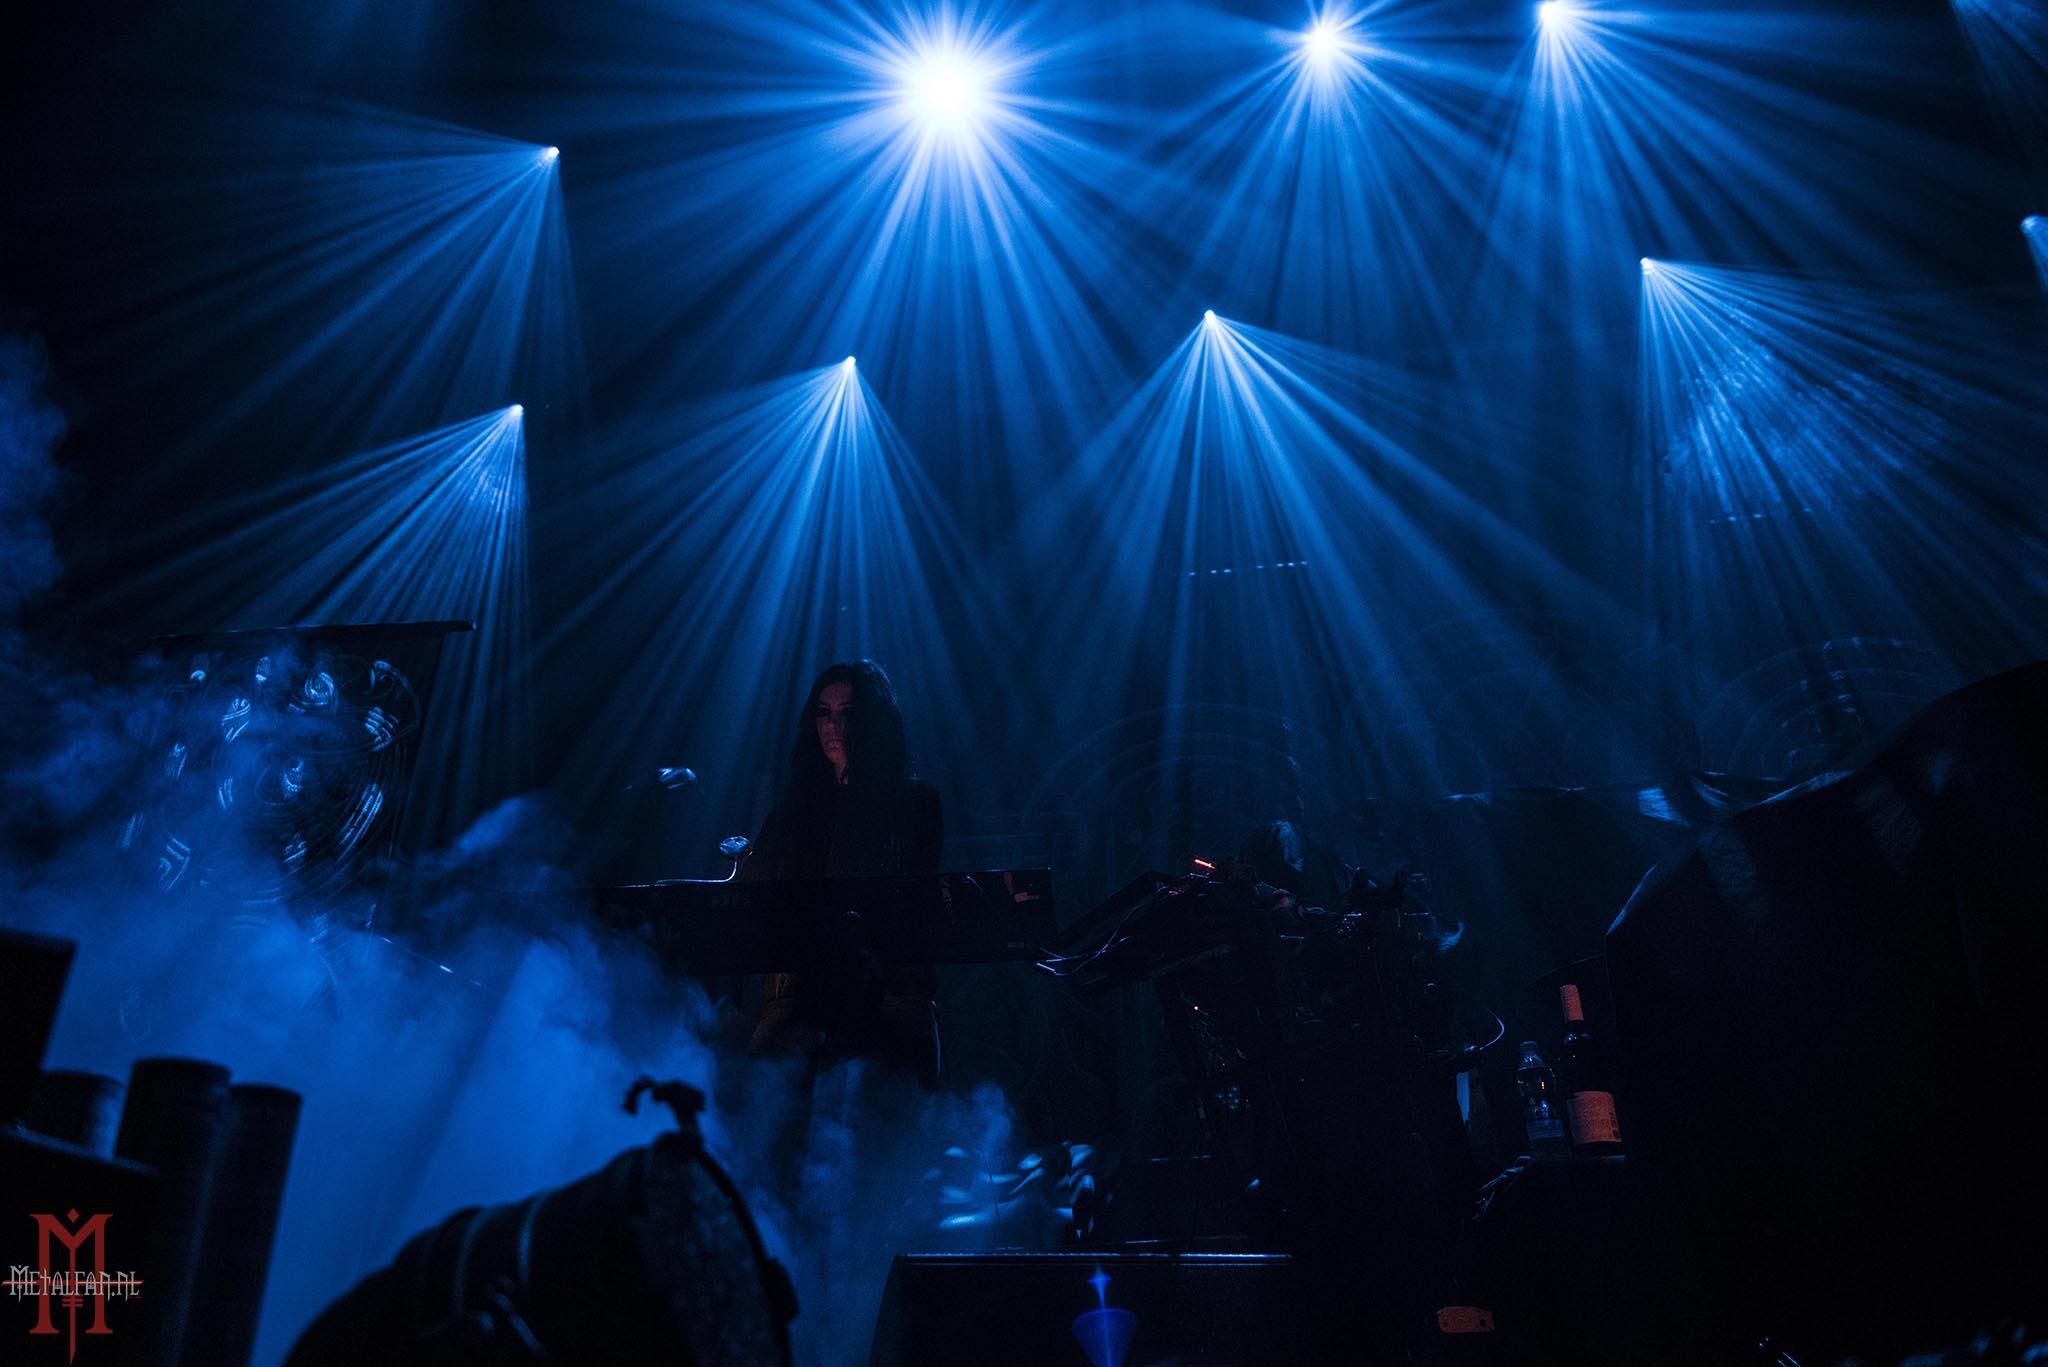 Wolves In The Throne Room @ TivoliVredenburg, 2-2-2019